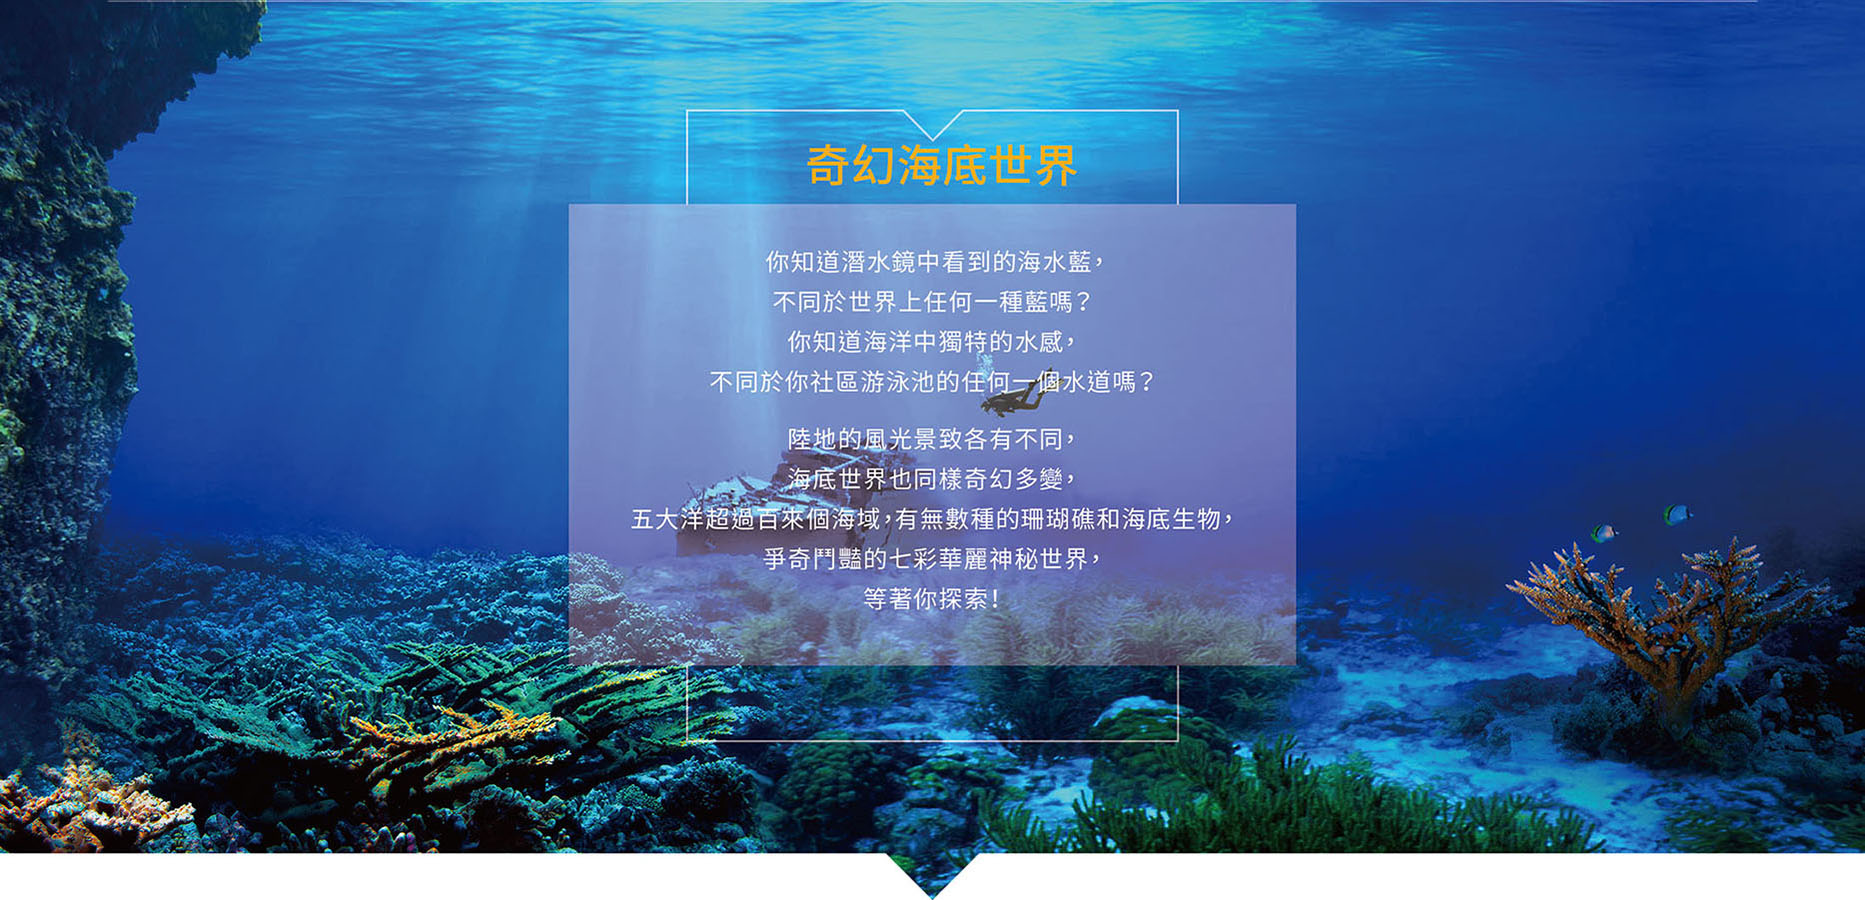 探索海底行程